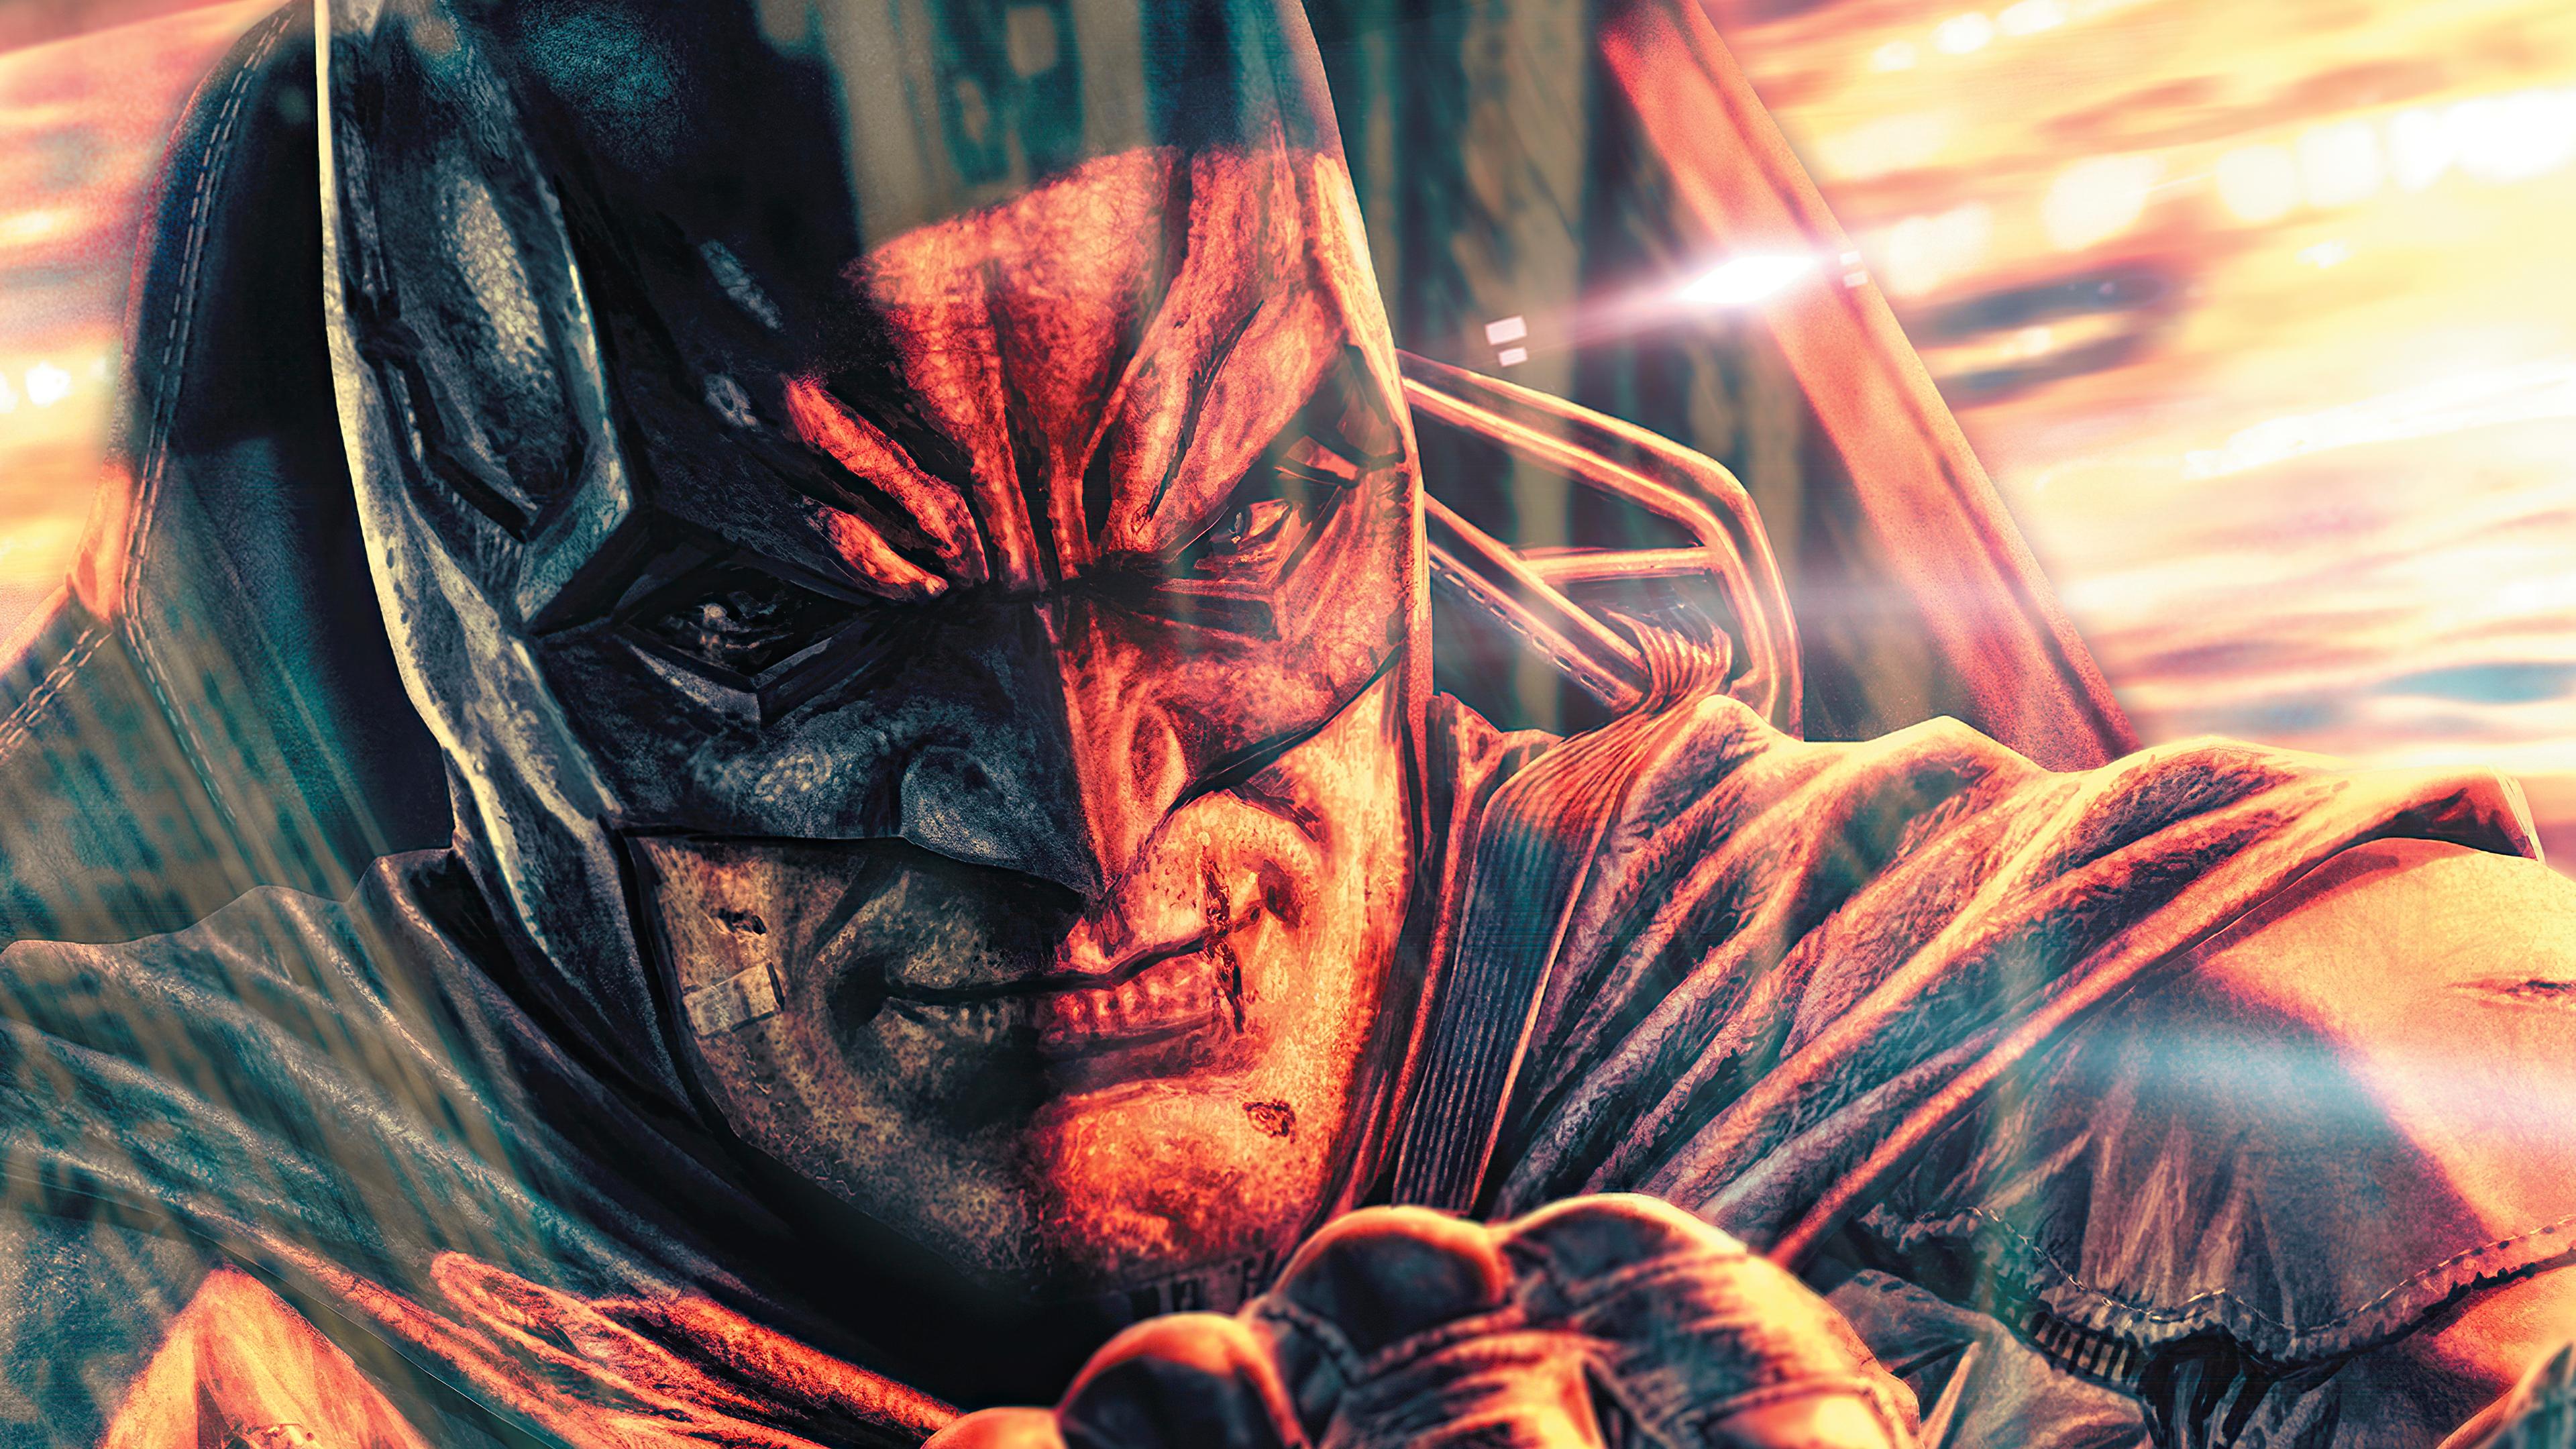 batman detective comic art 4k 1619215933 - Batman Detective Comic Art 4k - Batman Detective Comic Art 4k wallpapers